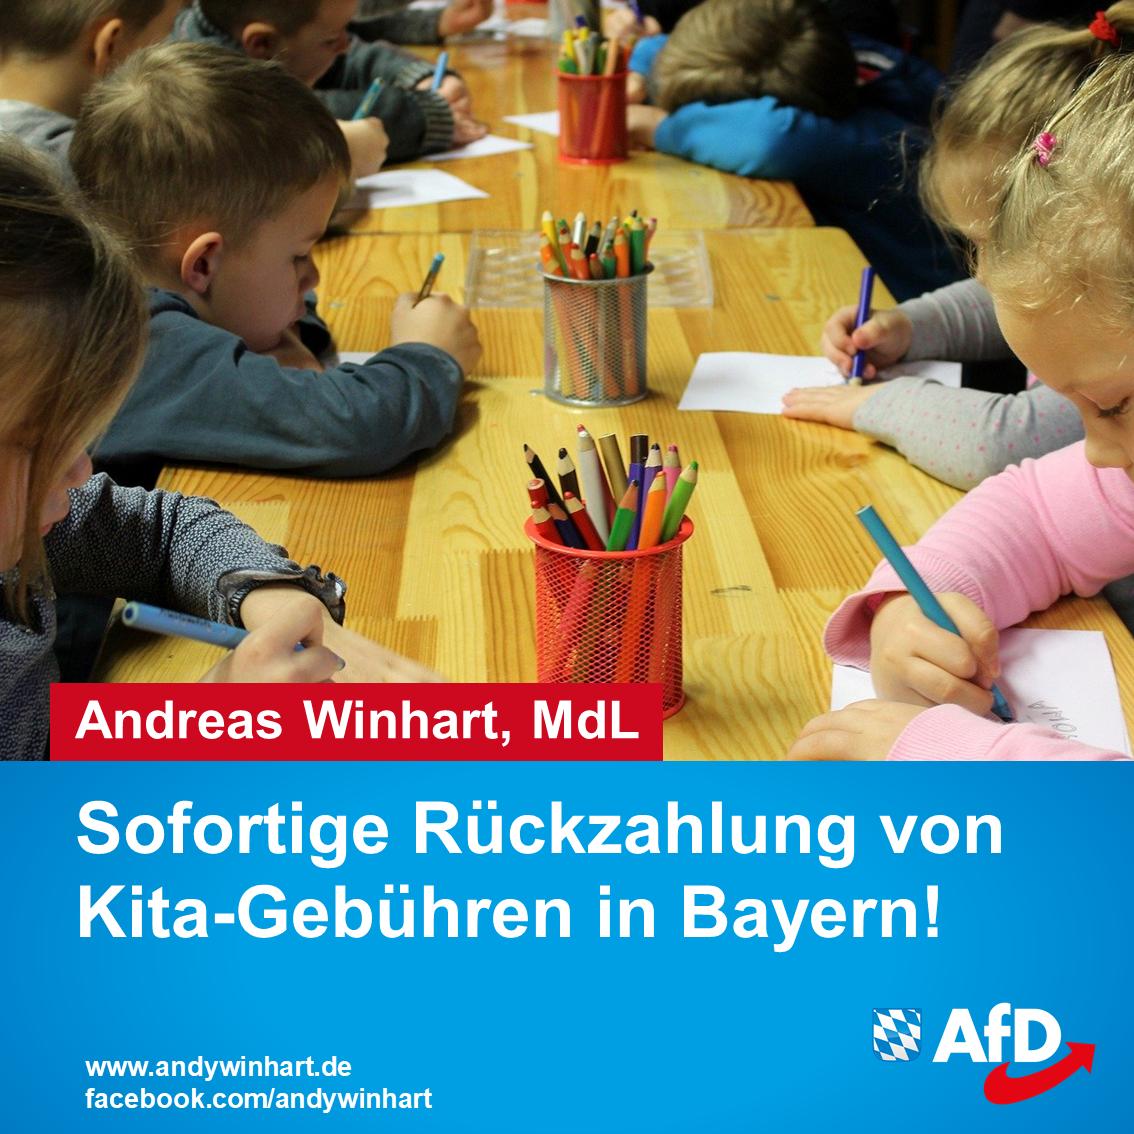 Sofortige Rückzahlung von Kita- und Kindergartengebühren in Bayern